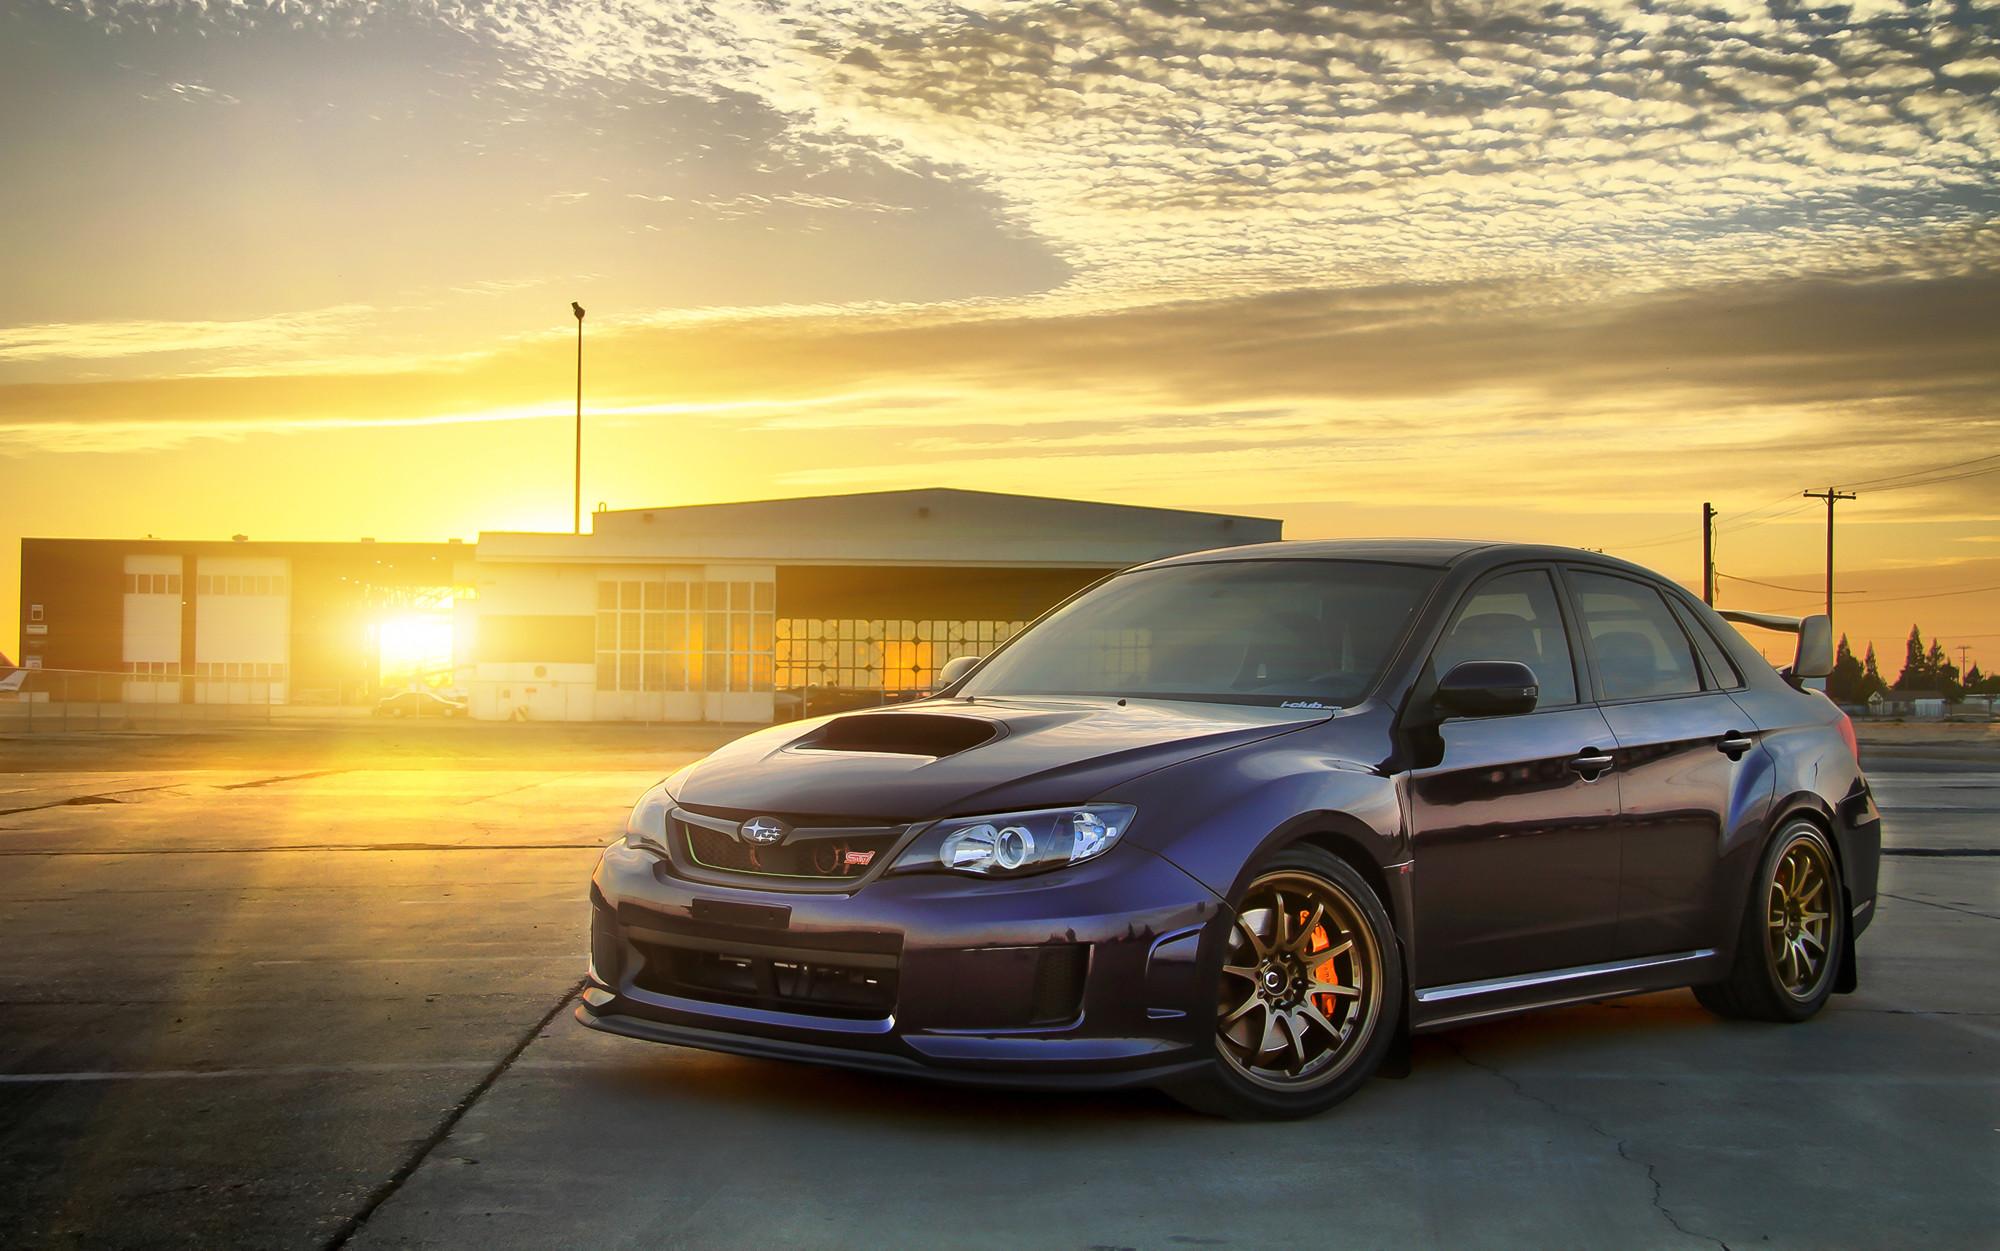 Epic Blue Car Wallpapers Subaru Wrx Wallpaper Hd 68 Images